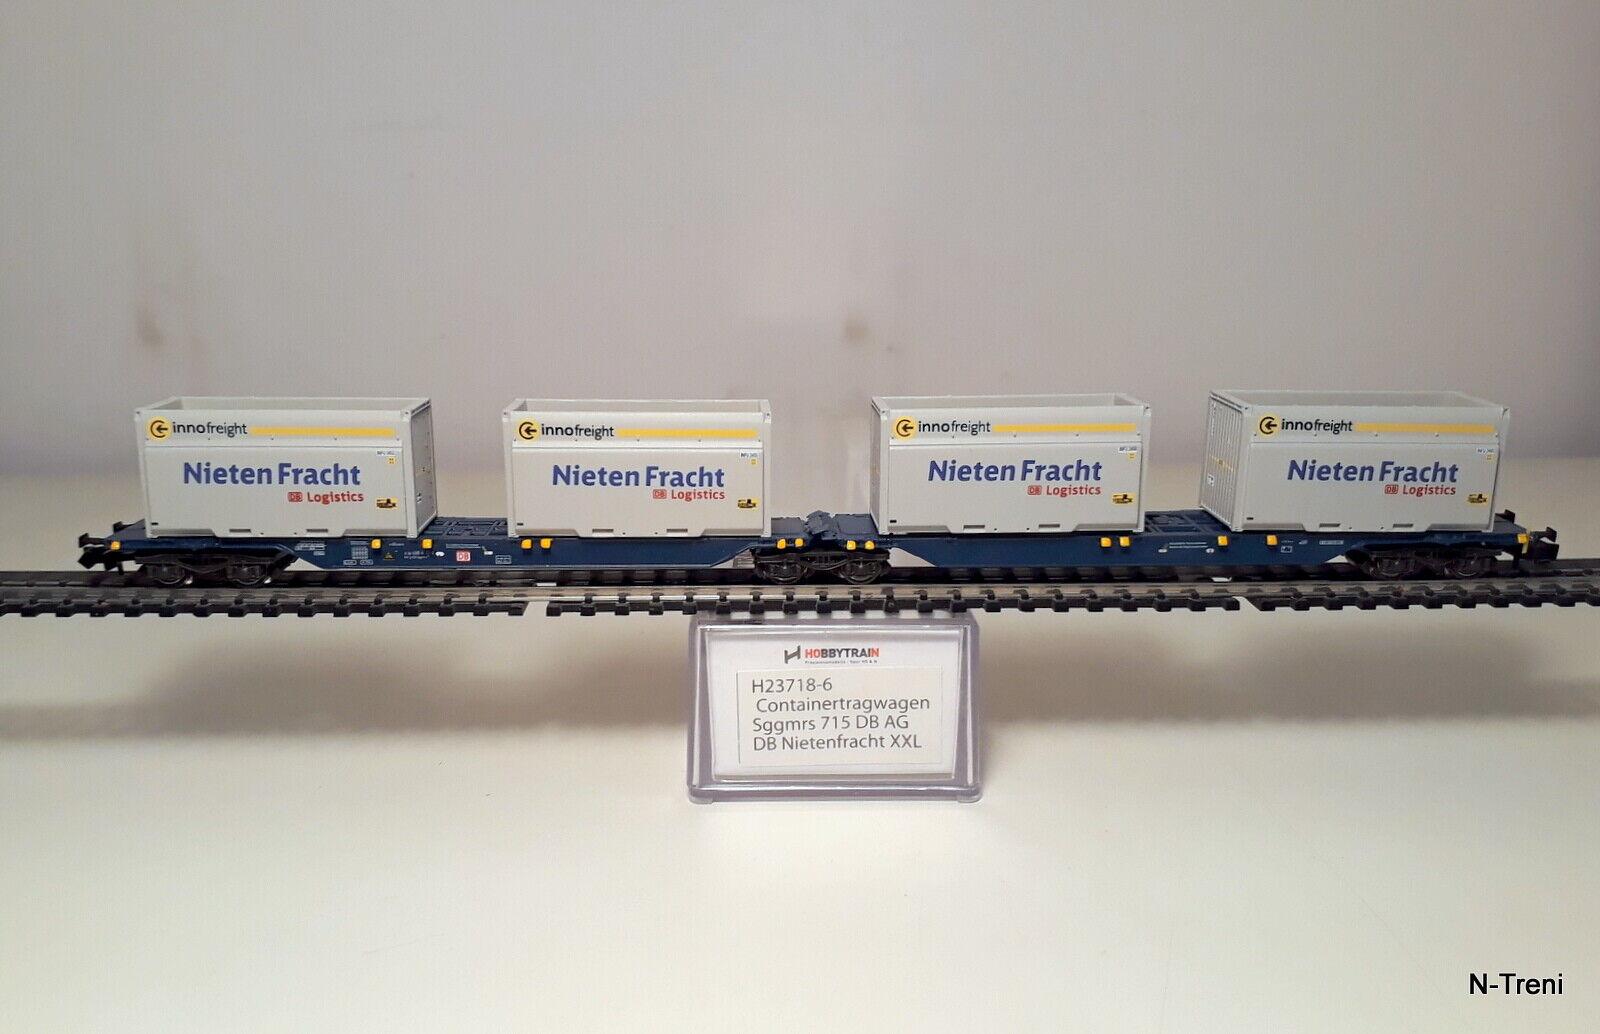 Envío 100% gratuito Hobbytrain N H23718-6 - - - Portacontainer Sdggmrs 715 DB e 4 container Nietenfracht  mejor servicio